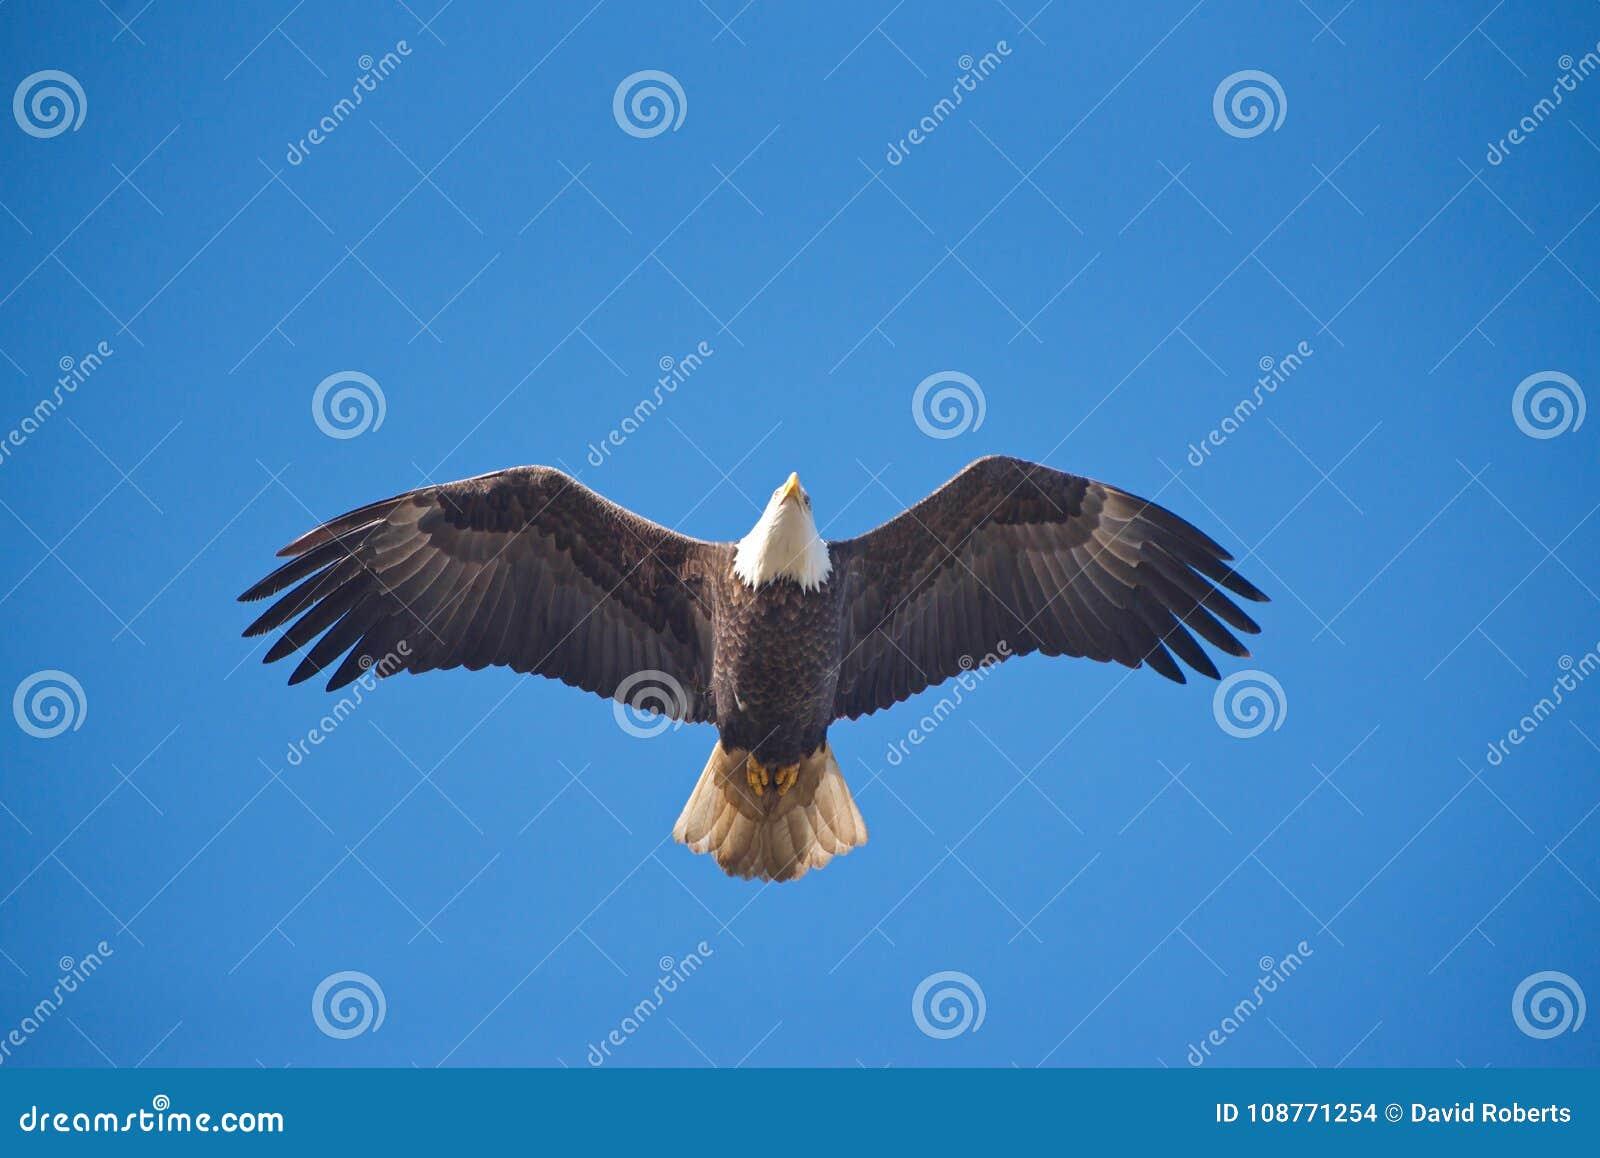 Weißkopfseeadler direkt oben